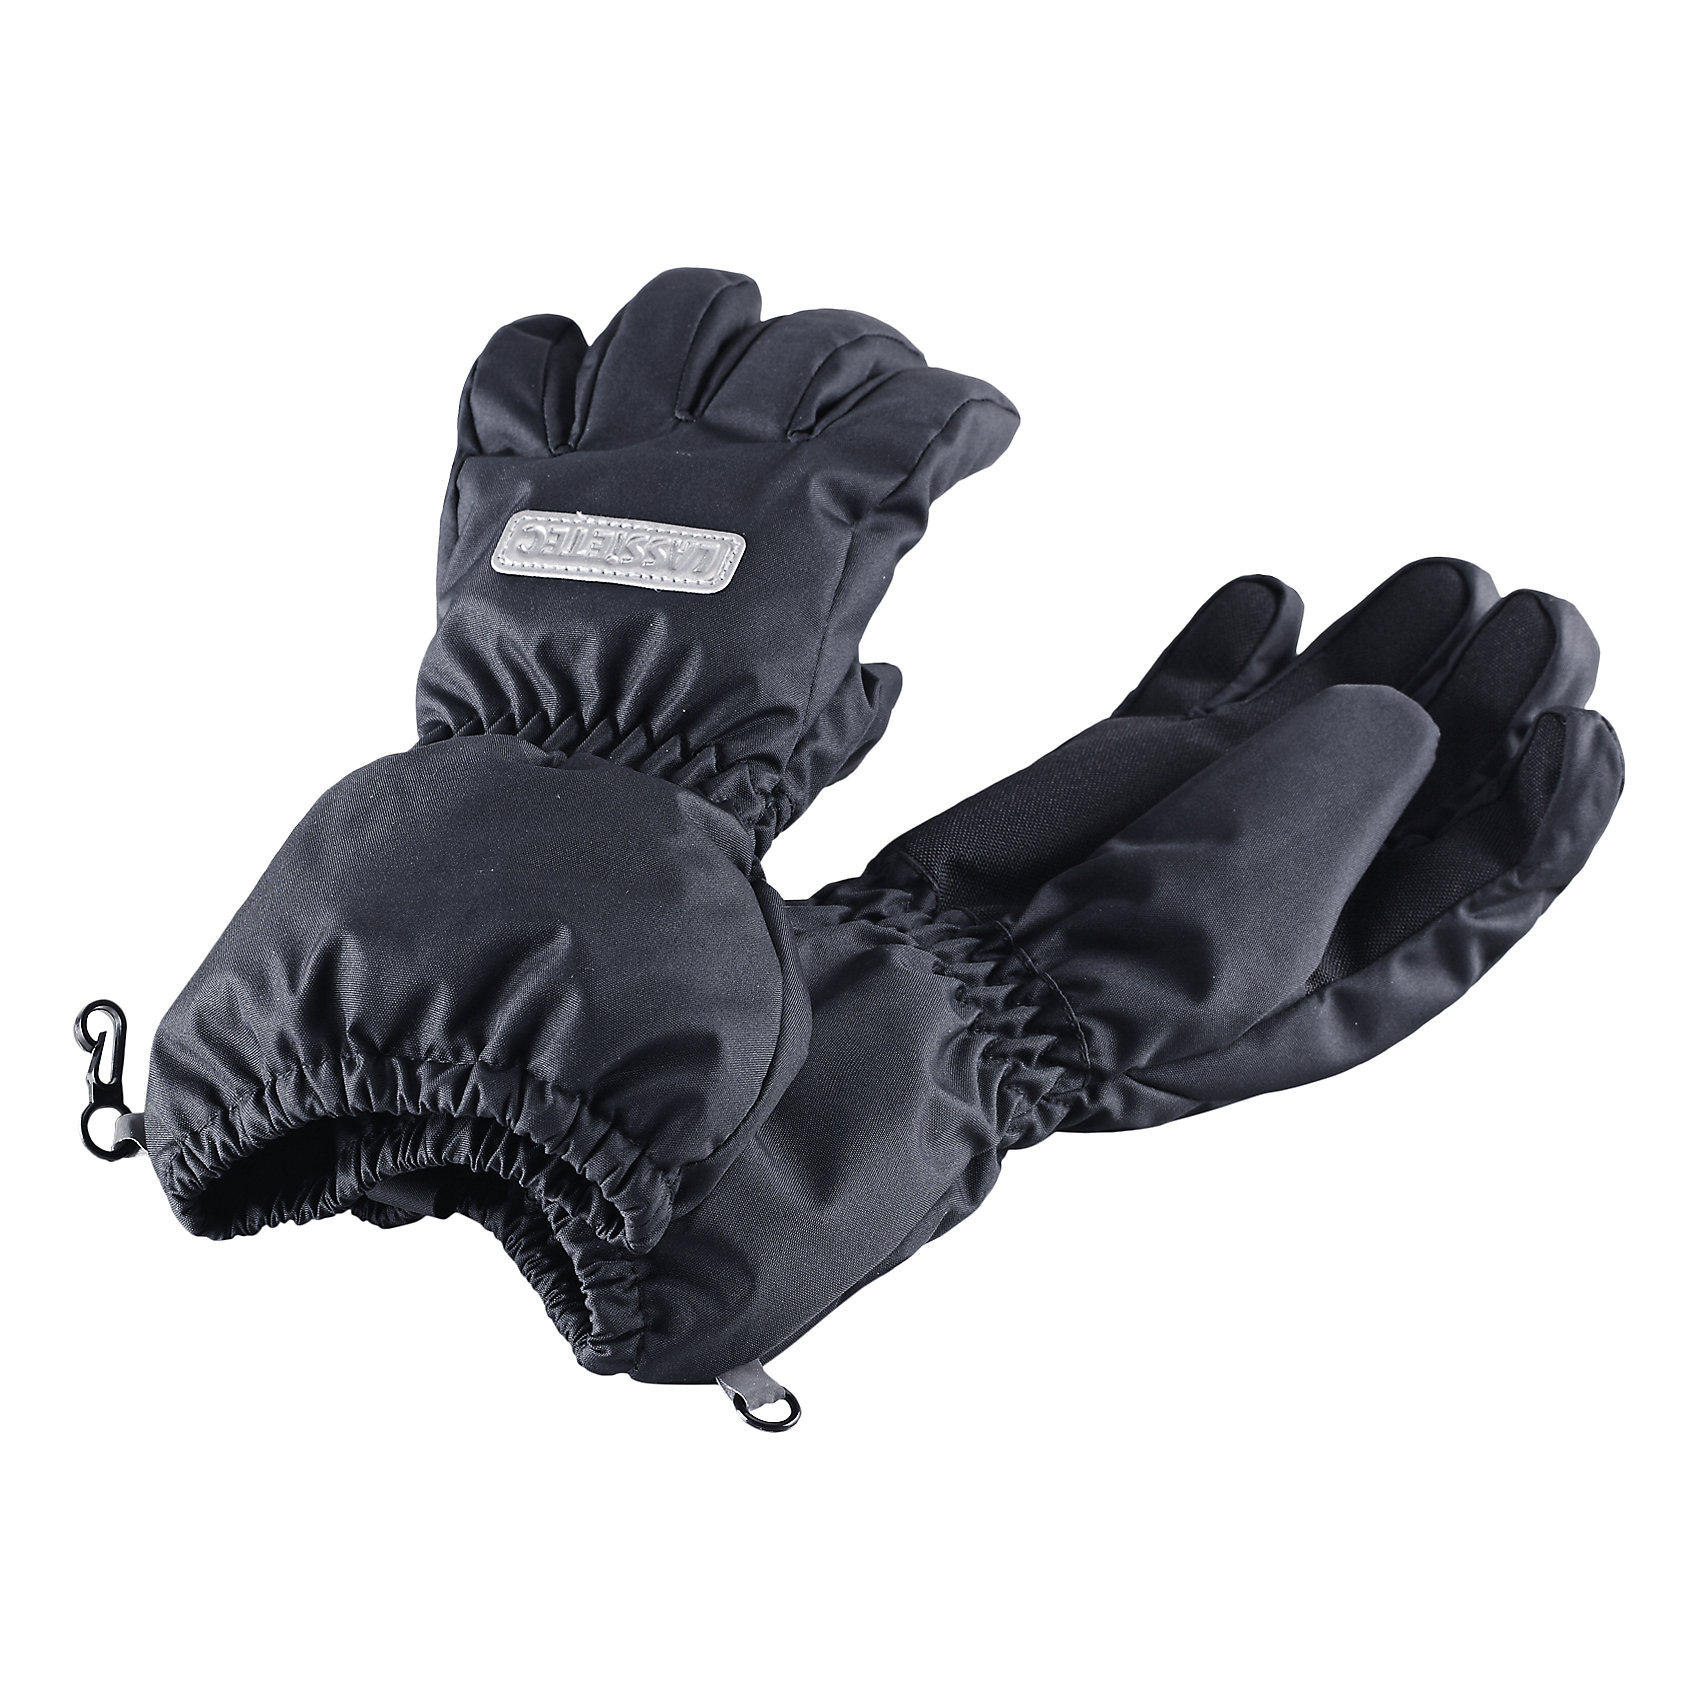 Перчатки LASSIEПерчатки, варежки<br>Зимние перчатки для детей Lassietec®.<br><br>- Водонепроницаемая вставка. Водо- и ветронепроницаемый «дышащий» материал. <br>- Накладки на ладонях и больших пальцах.<br>- Подкладка из полиэстера с начесом.<br>- Средняя степень утепления. <br>- Светоотражающая эмблема Lassie®.  <br><br>Рекомендации по уходу: Полоскать без специального средства. Сушить при низкой температуре. <br><br>Состав: 100% Полиамид, полиуретановое покрытие.  Утеплитель «Lassie wadding» 120гр.<br><br>Ширина мм: 162<br>Глубина мм: 171<br>Высота мм: 55<br>Вес г: 119<br>Цвет: черный<br>Возраст от месяцев: 120<br>Возраст до месяцев: 144<br>Пол: Унисекс<br>Возраст: Детский<br>Размер: 6,3,4,5<br>SKU: 4780563